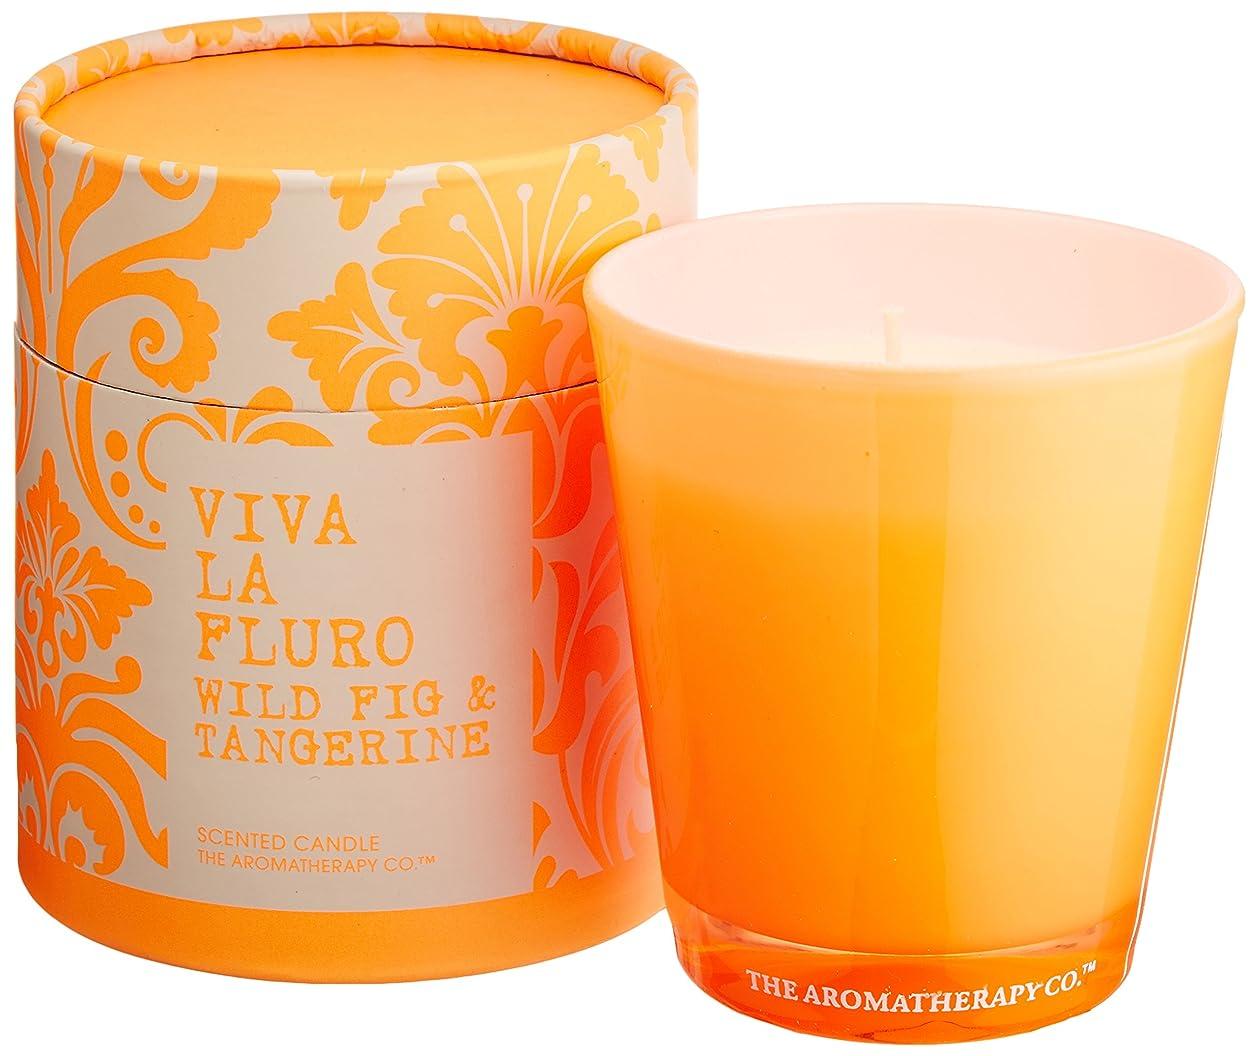 の神秘的な傷跡VIVA LA FLURO センティッドキャンドル ワイルドフィグ&タンジェリン Wild Fig&Tangerine ビバ?ラ?フルーロ